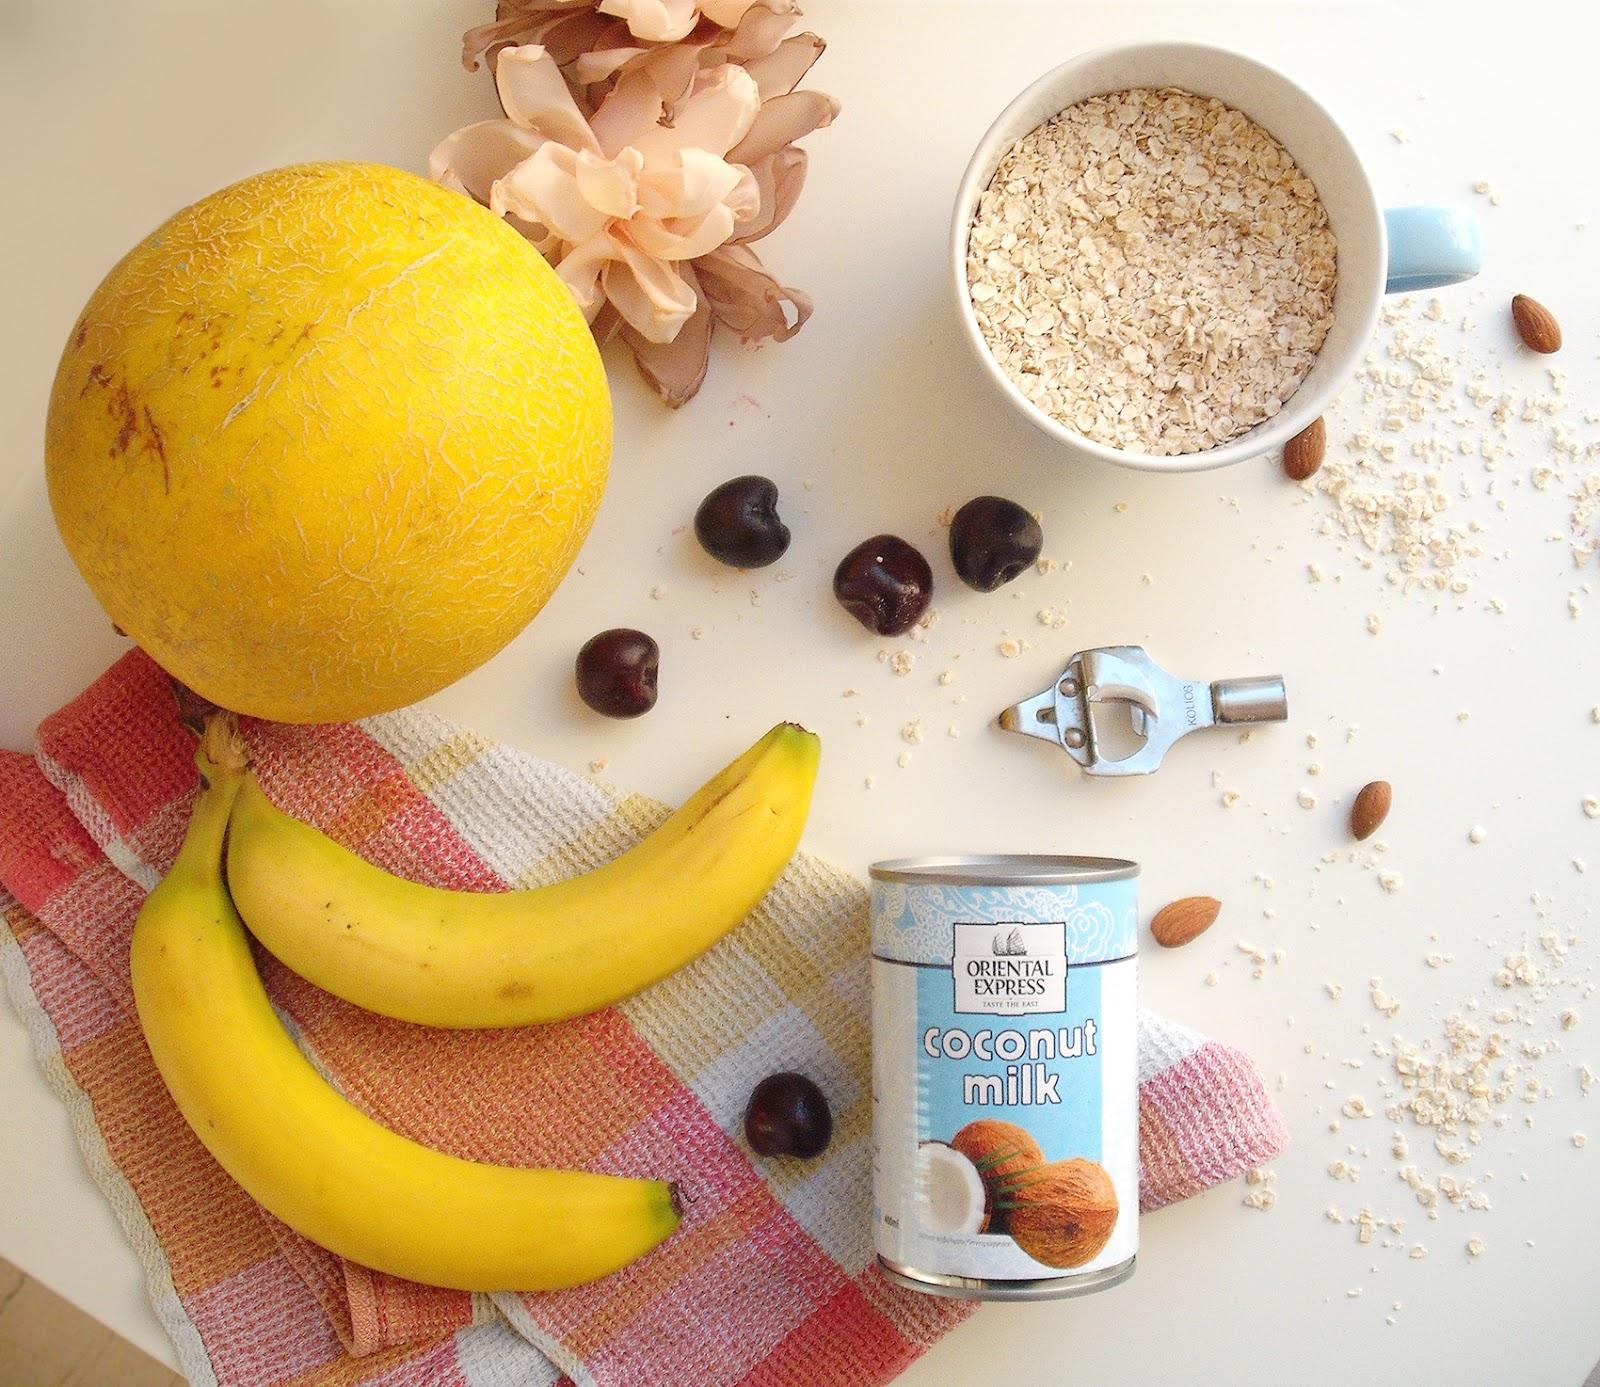 Πρωινό vegan με πεπόνι, μπανάνες βρώμη και γάλα καρύδας